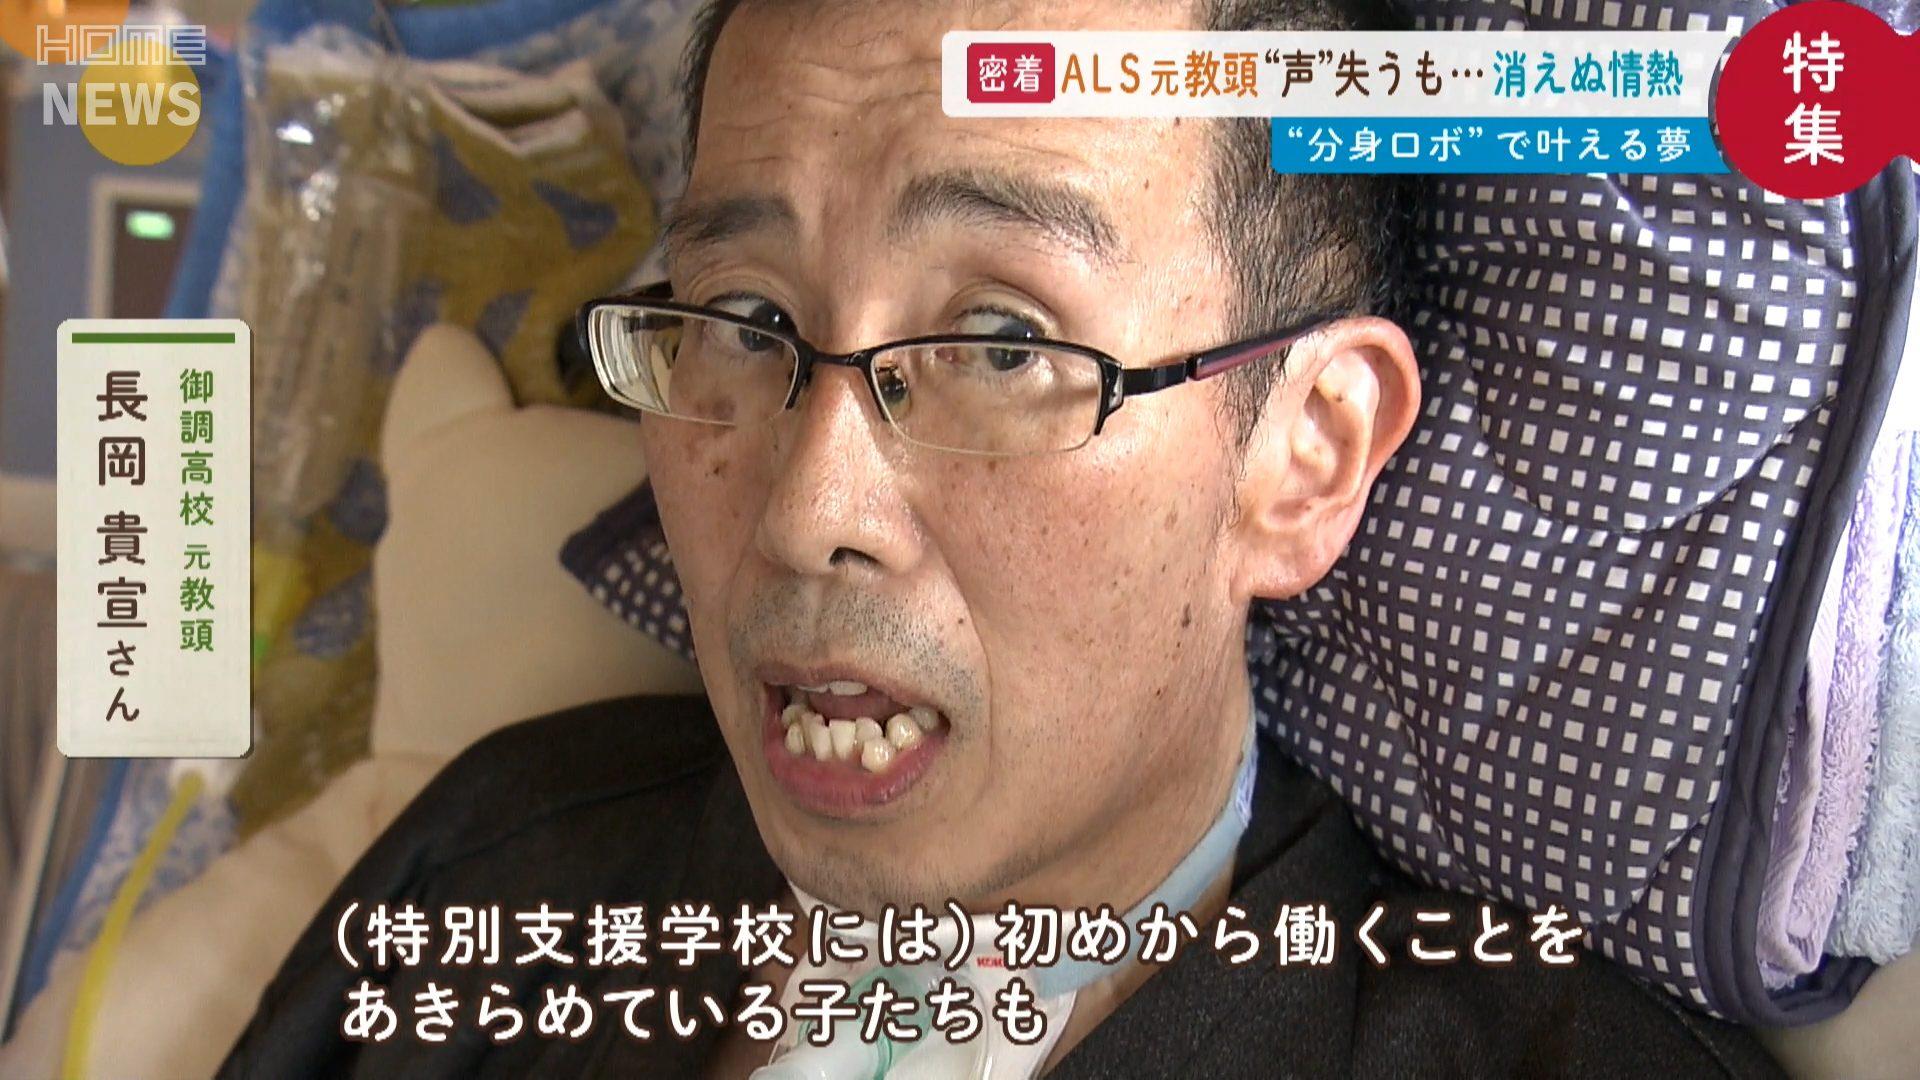 長岡貴宣さん(58)